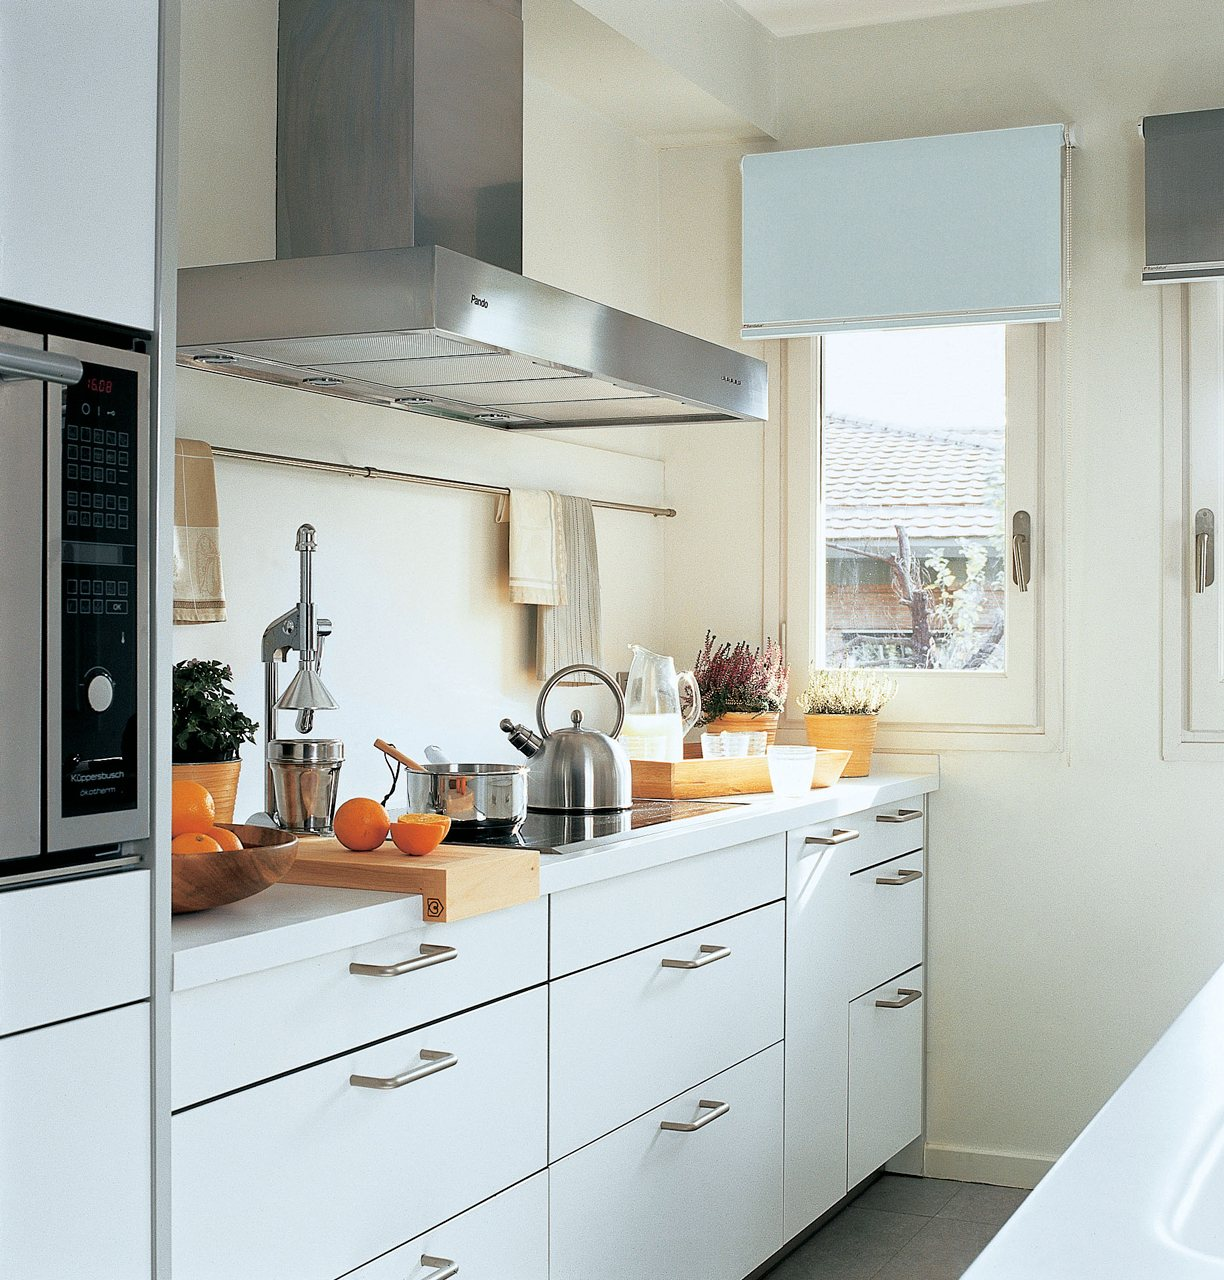 Cocina alargada y estrecha simple fresh hacer de una for Amueblar cocina alargada